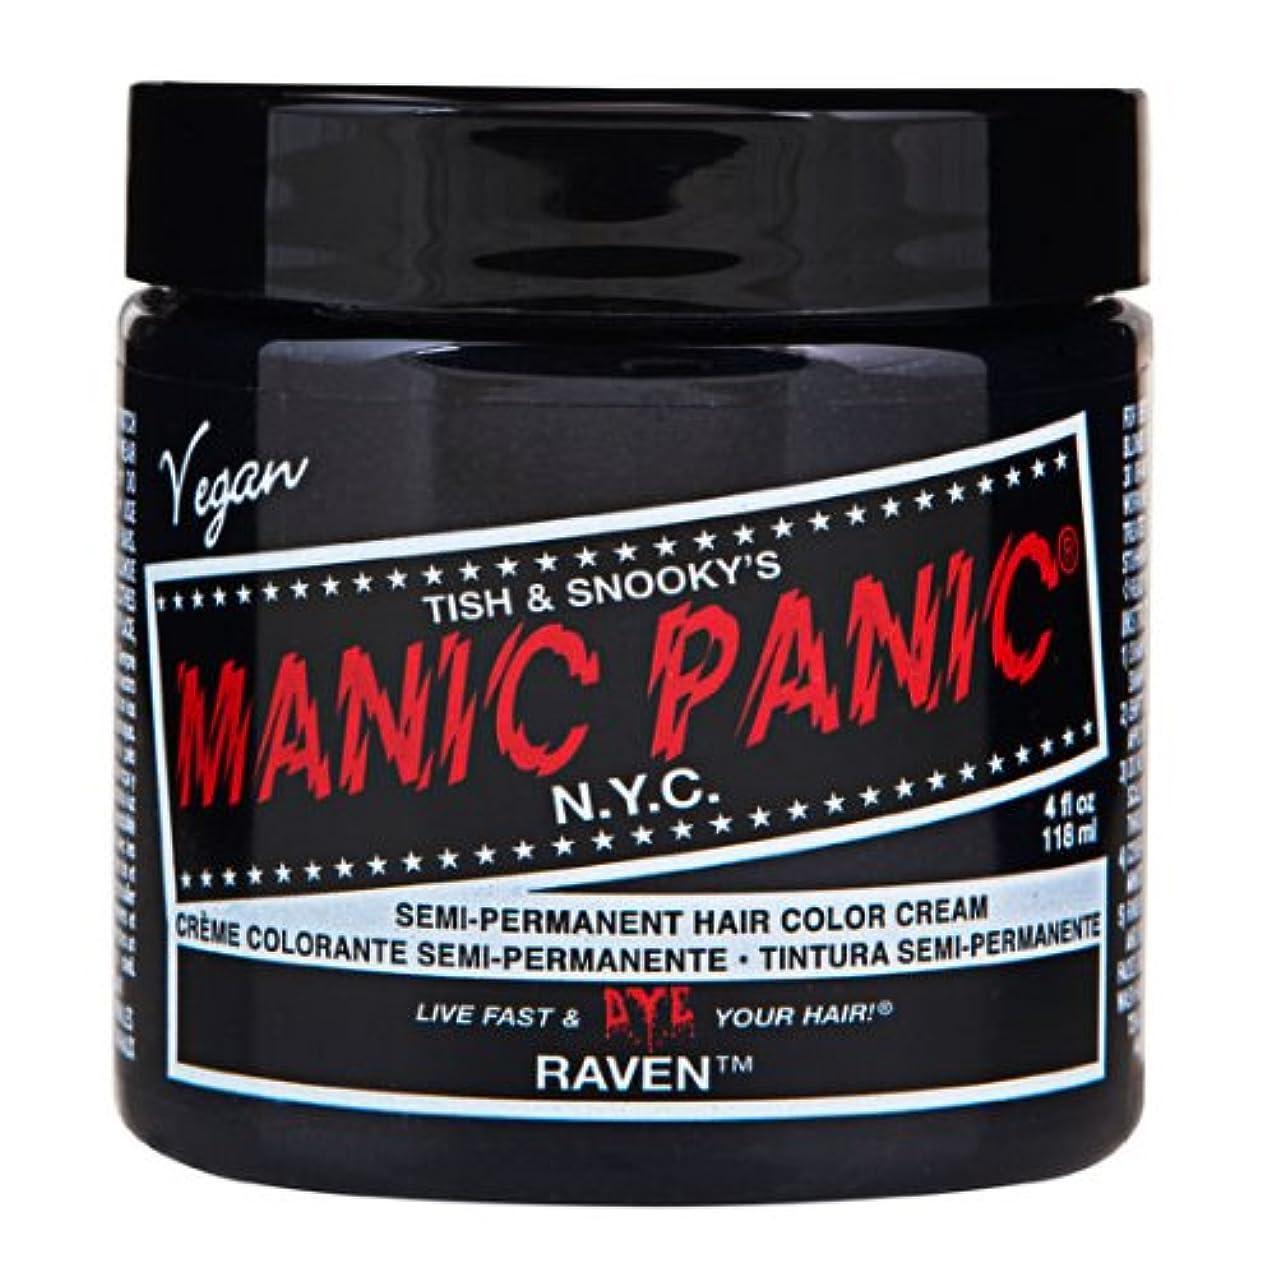 顧問環境洞察力マニックパニック MANIC PANIC ヘアカラー 118mlレイヴァン ヘアーカラー